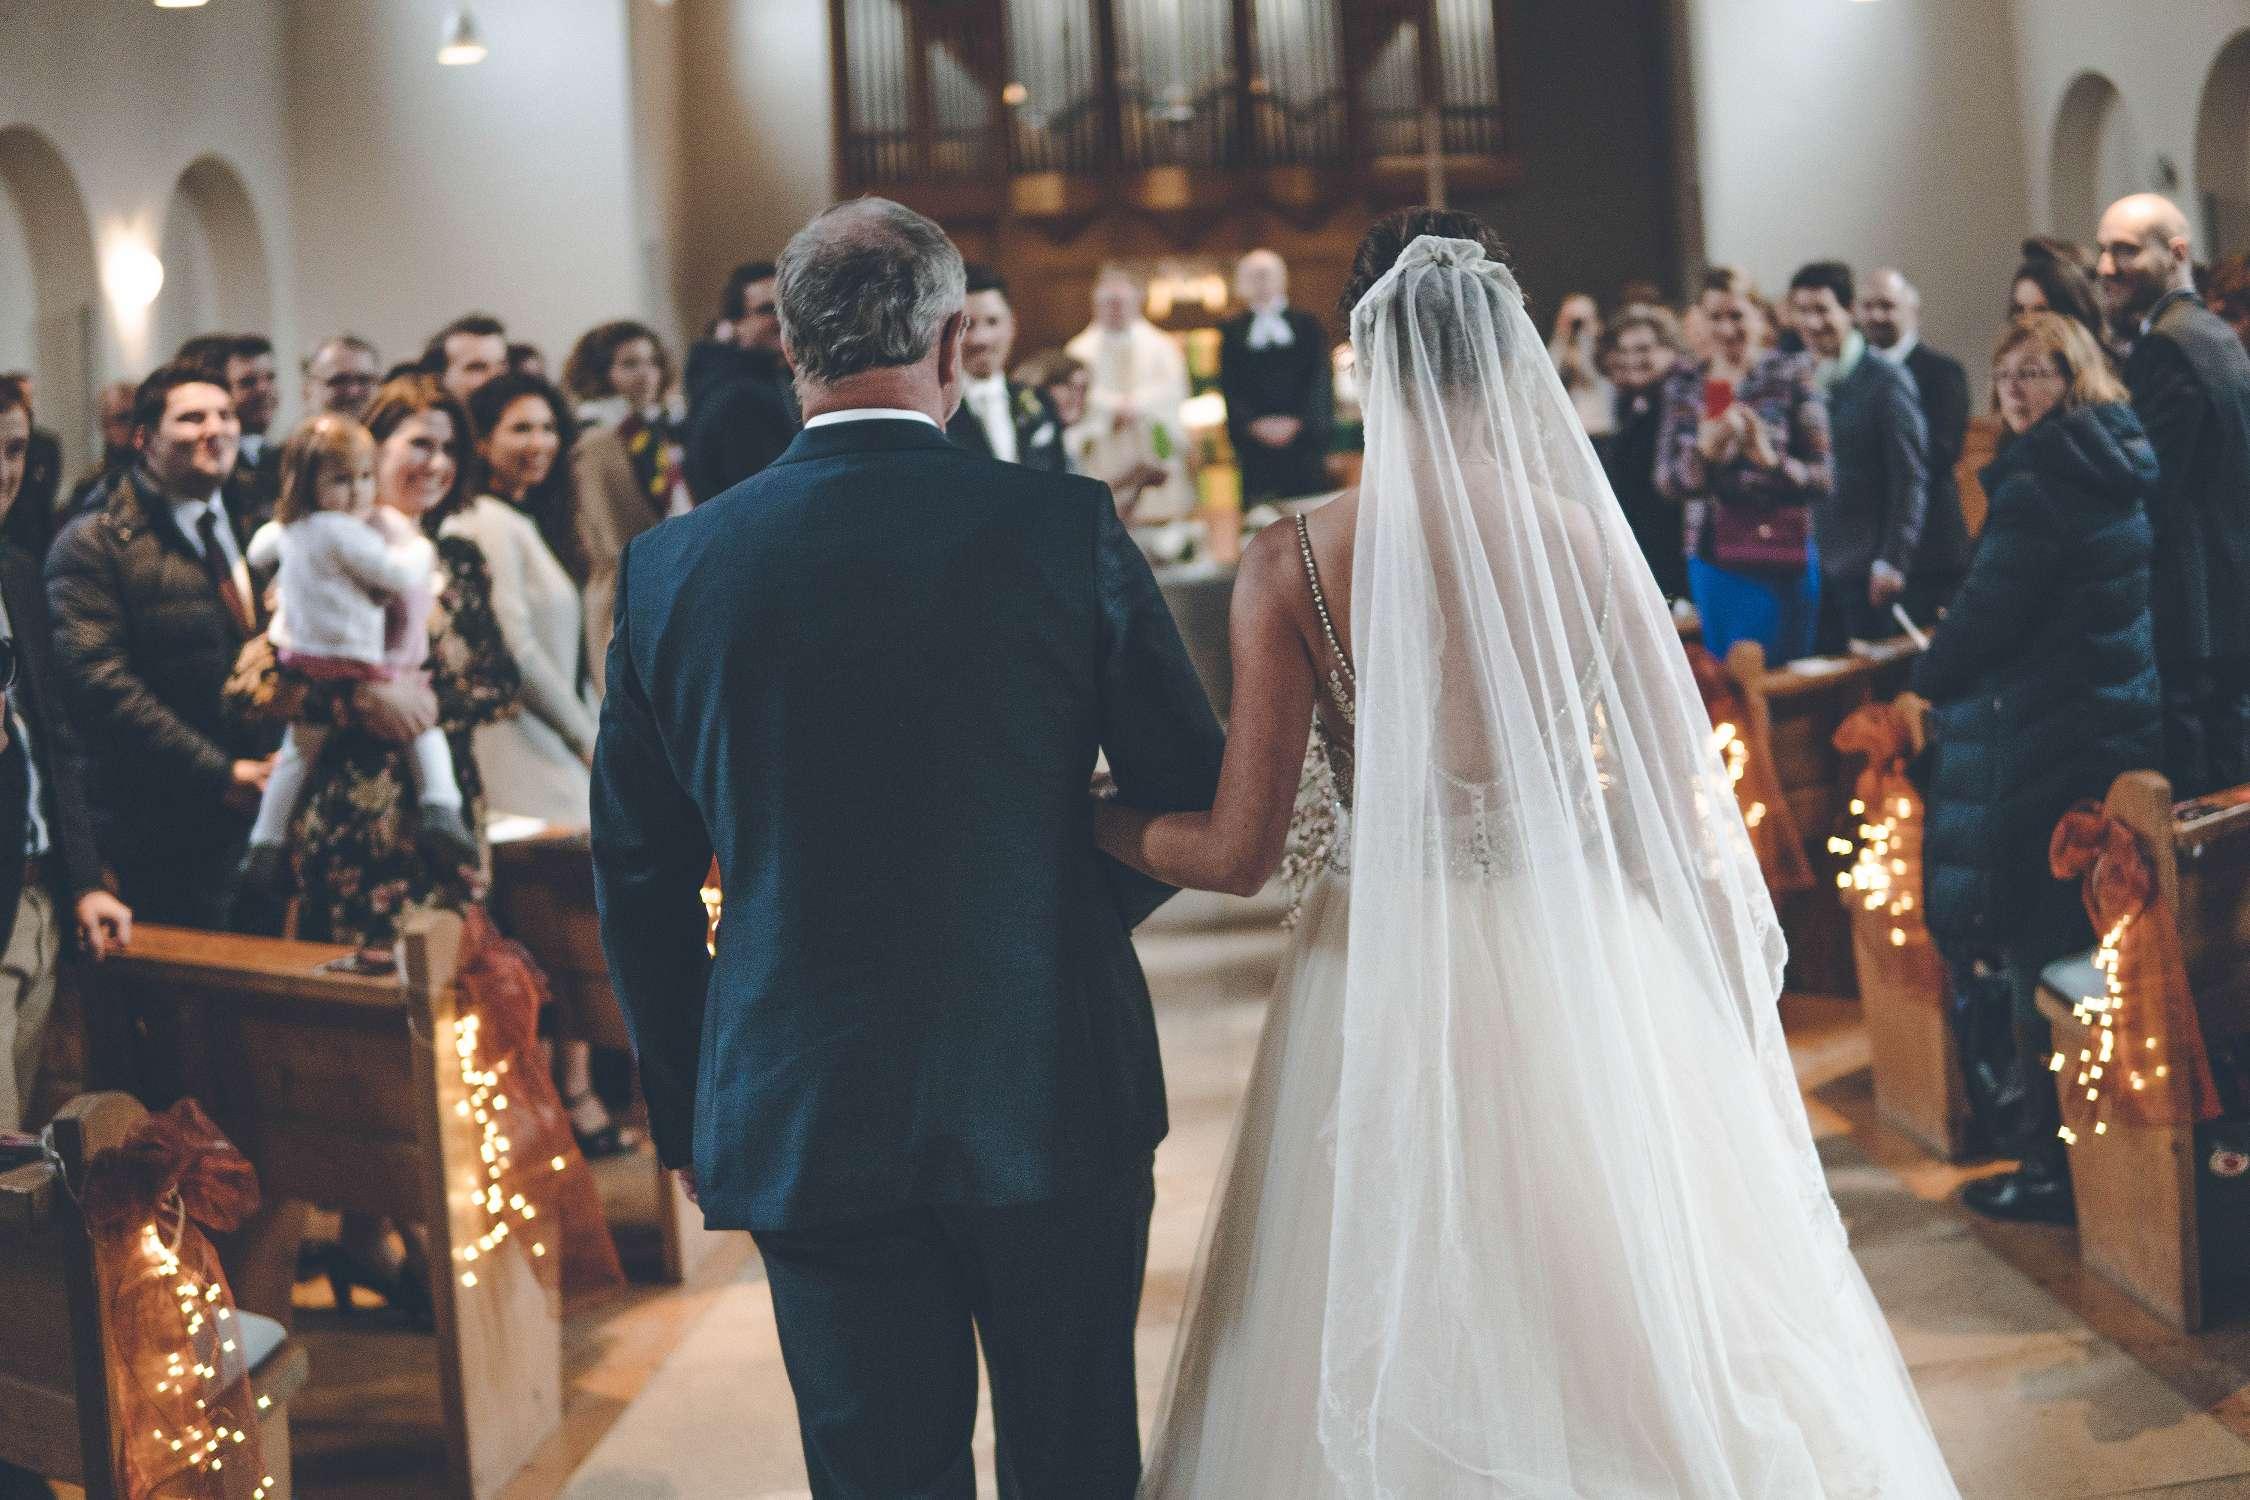 Vater führt Braut in die Kirche